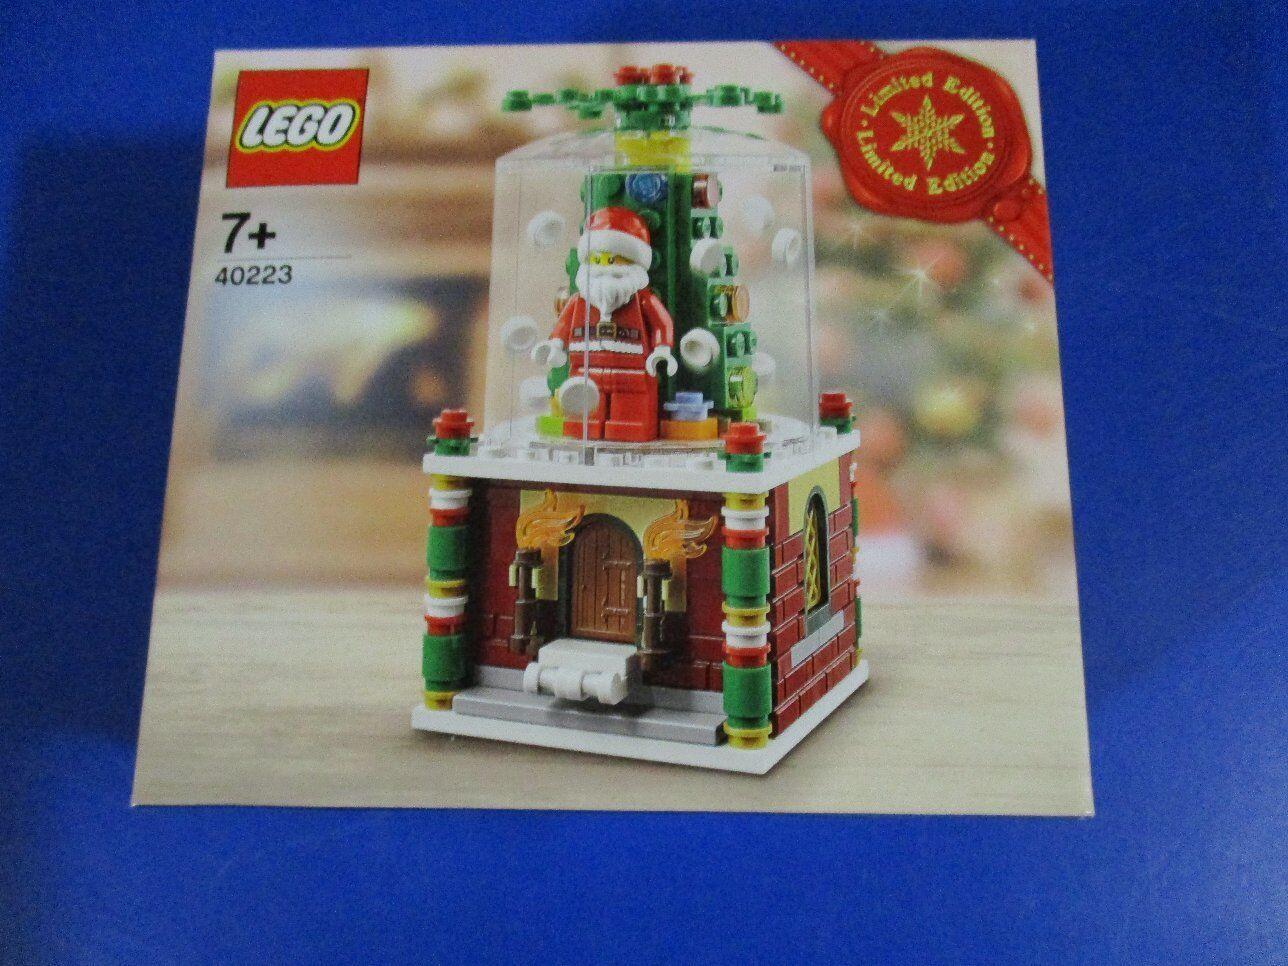 Lego 40223 Schneekugel Limitiertes Weihnachtsset Weihnachten NEU OVP